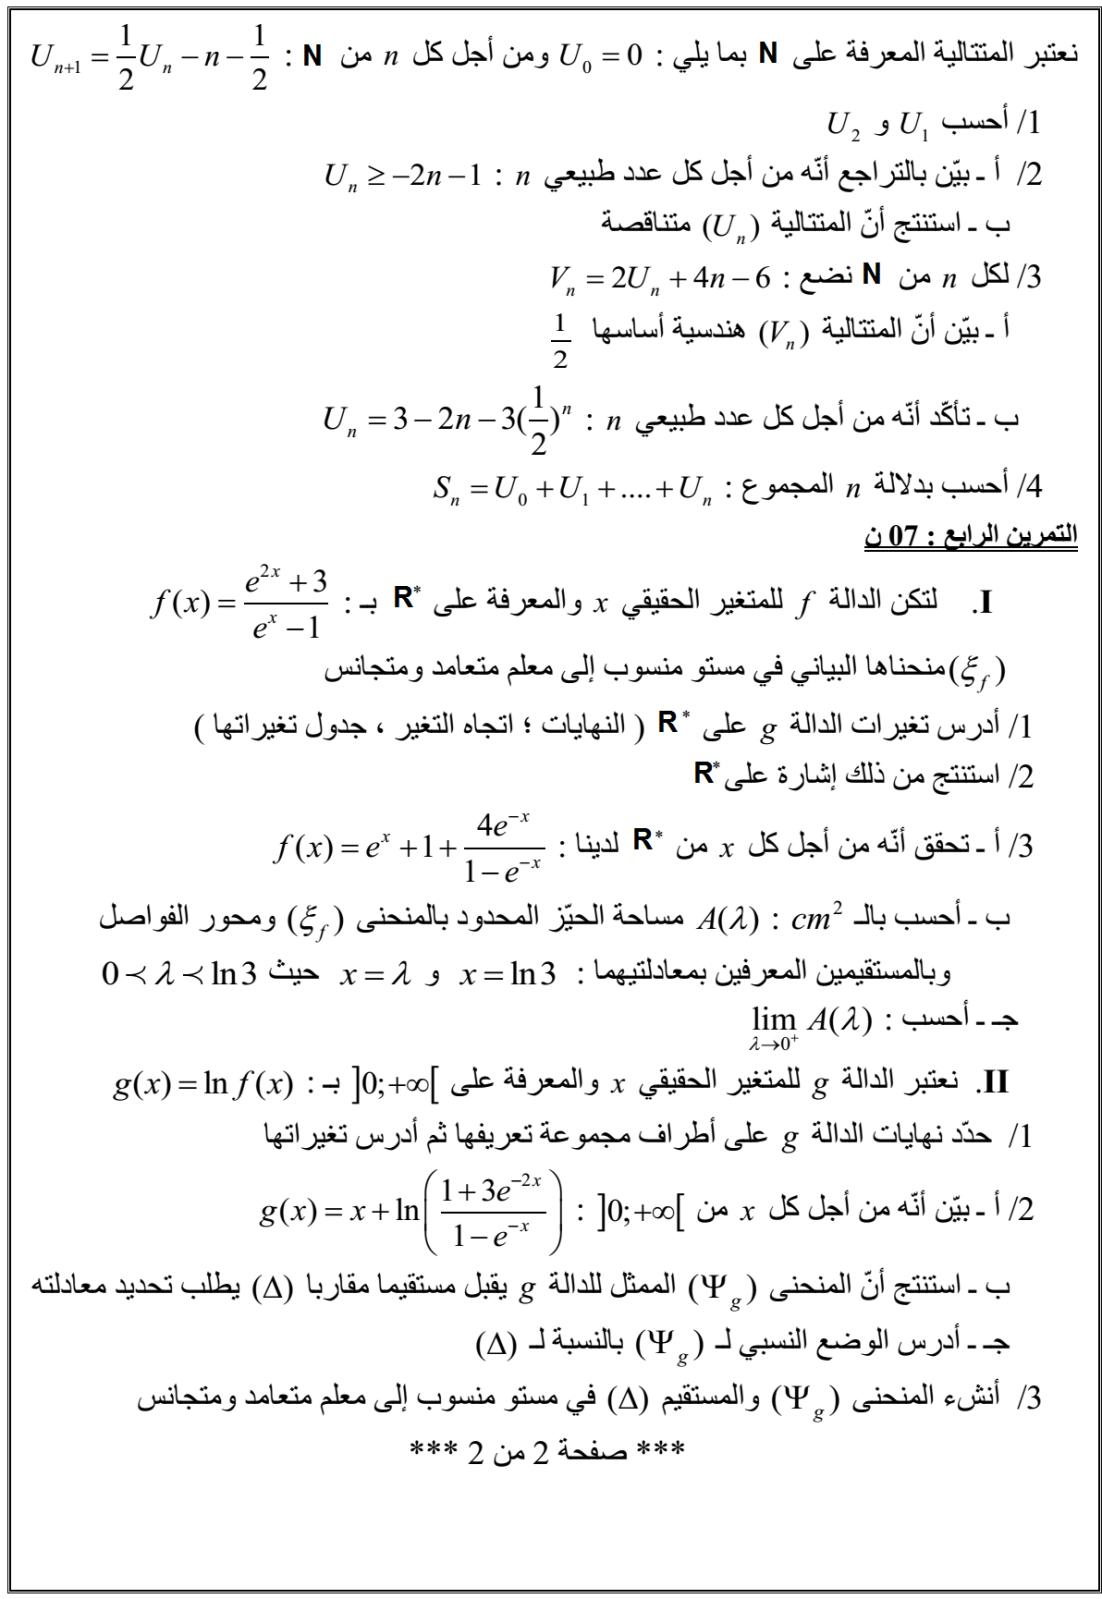 اختبار التجريبي ع ت ثانوية أبي بكر الصديق 2015 516arq